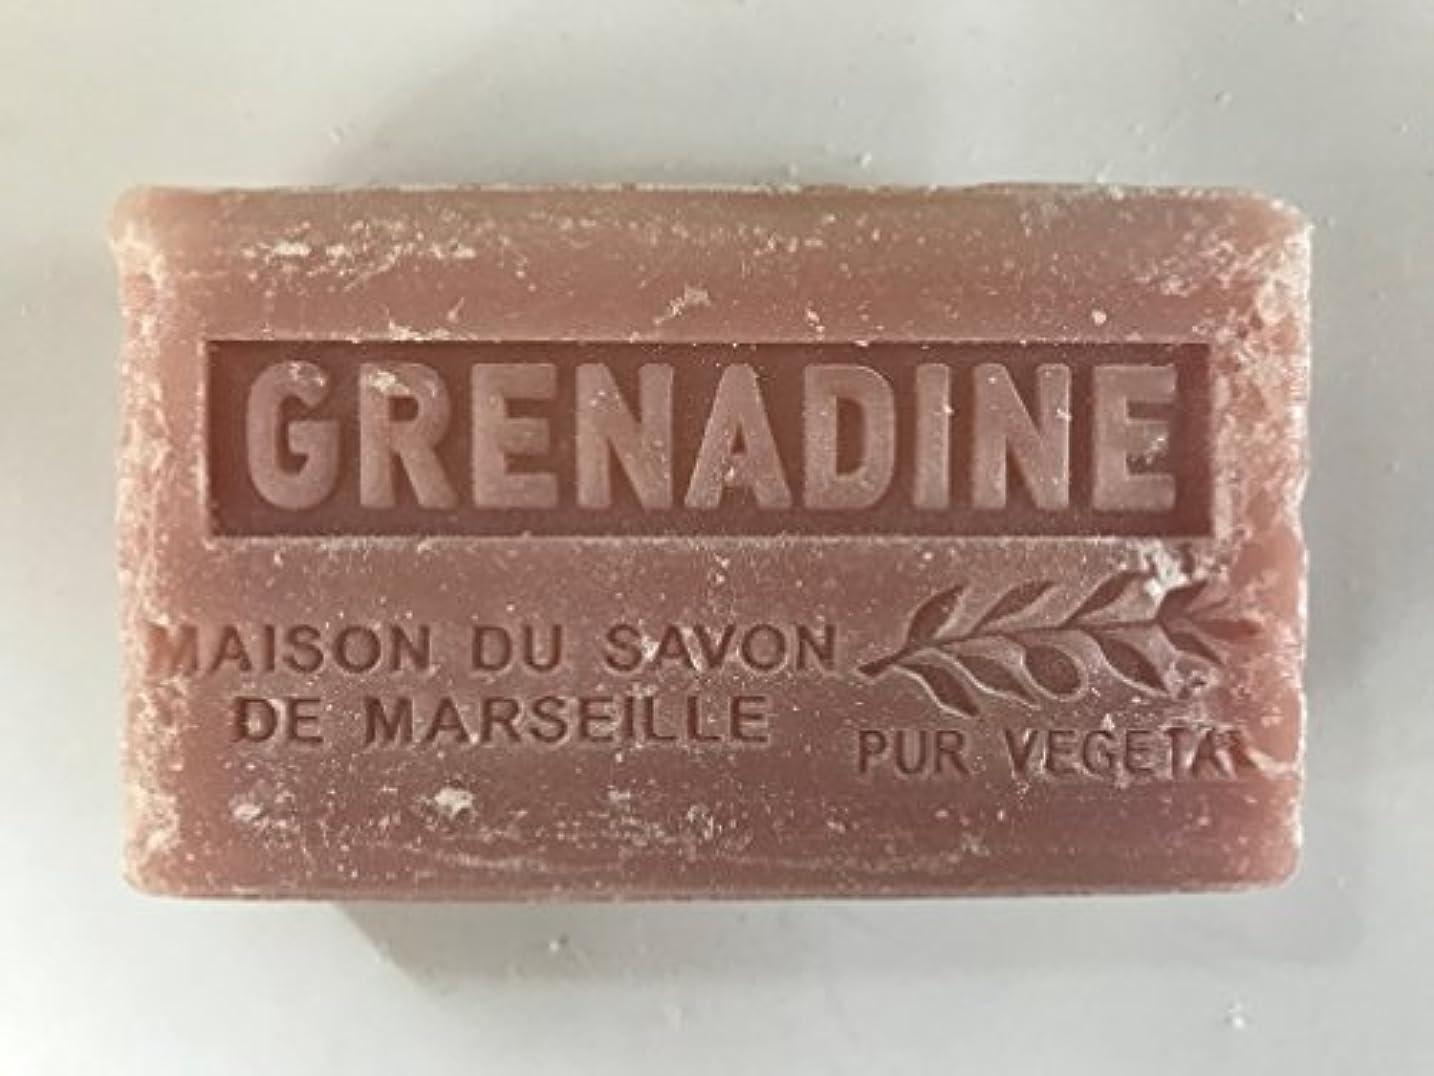 引用欺抑制Savon de Marseille Soap Grenadine Shea Butter 125g